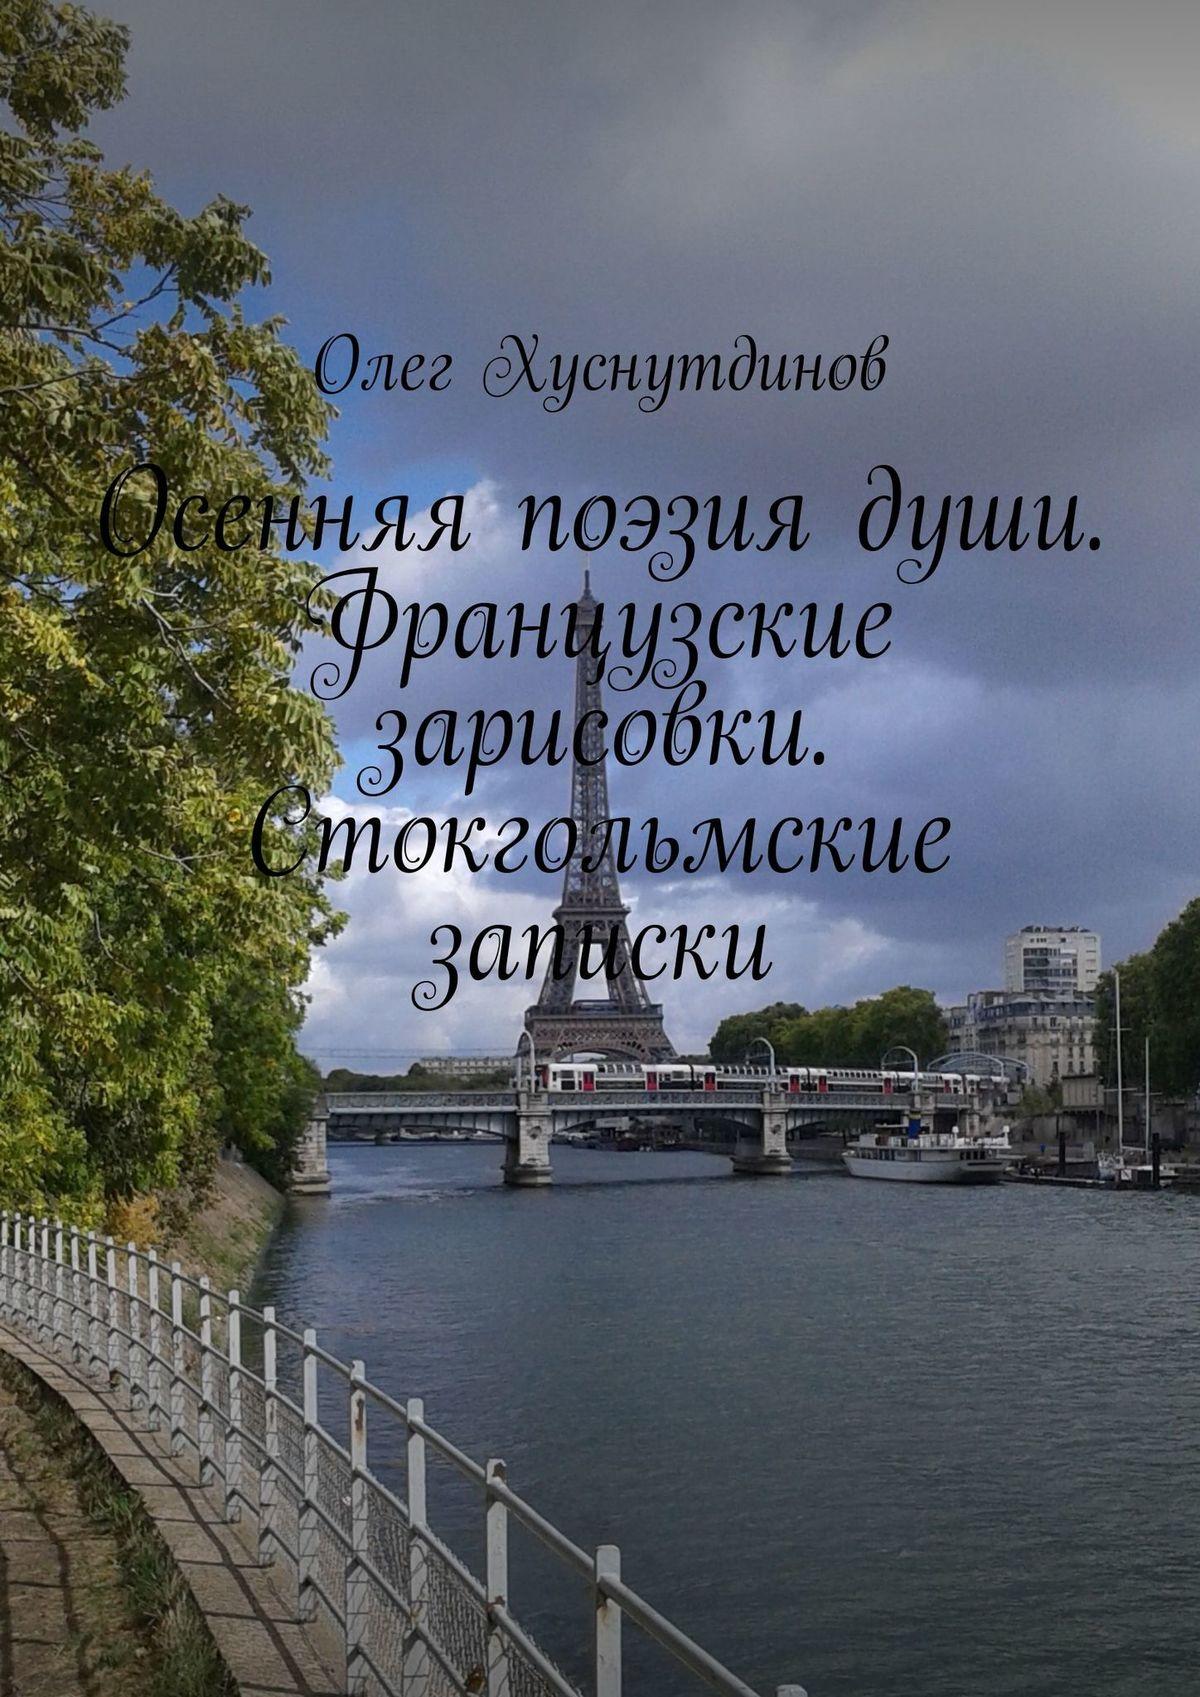 цена на Олег Хуснутдинов Осенняя поэзия Души. Французские зарисовки